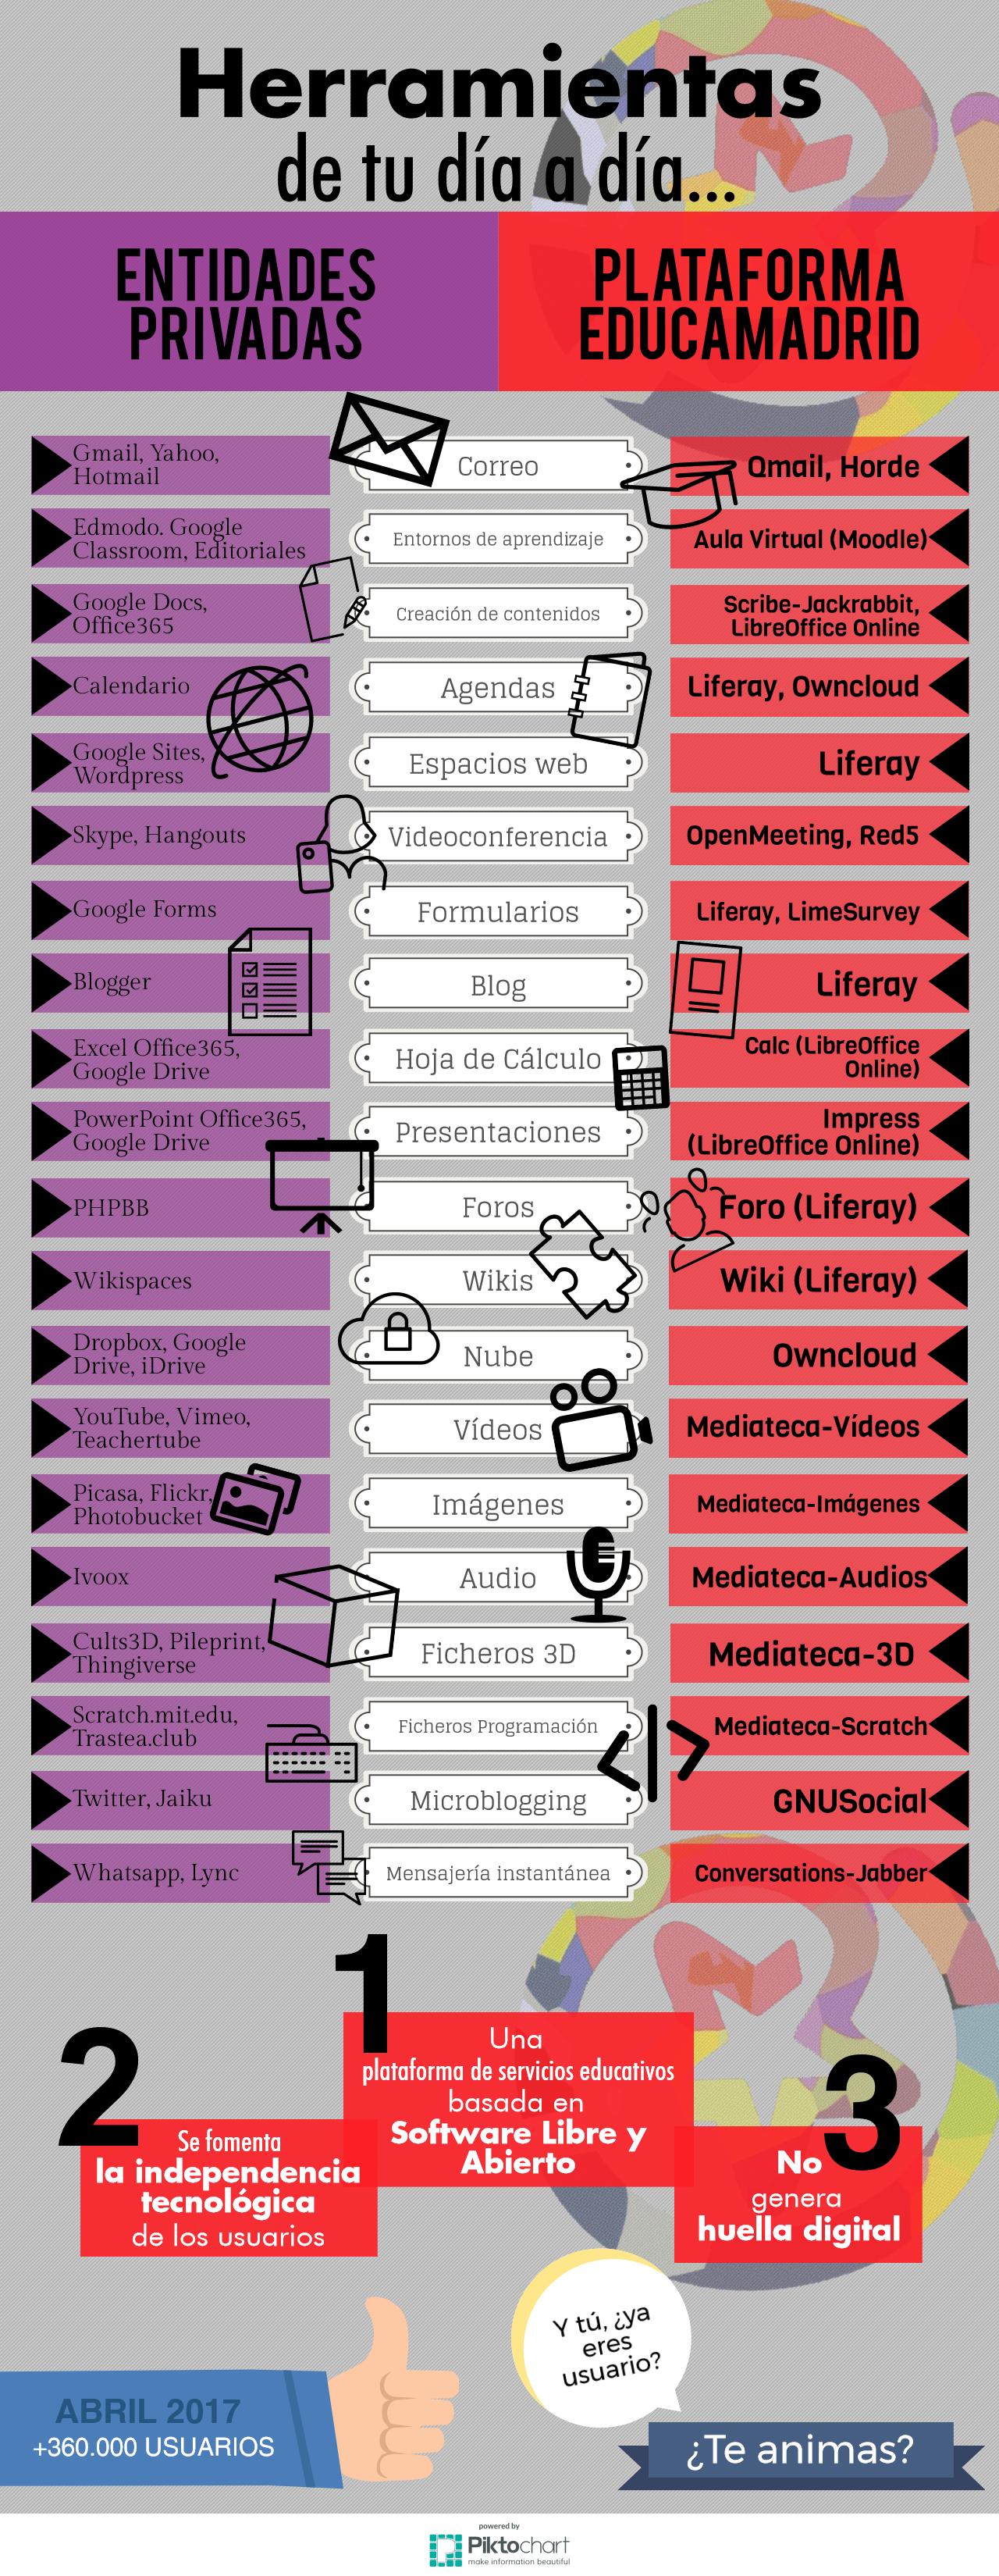 Herramientas EducaMadrid (infografía)